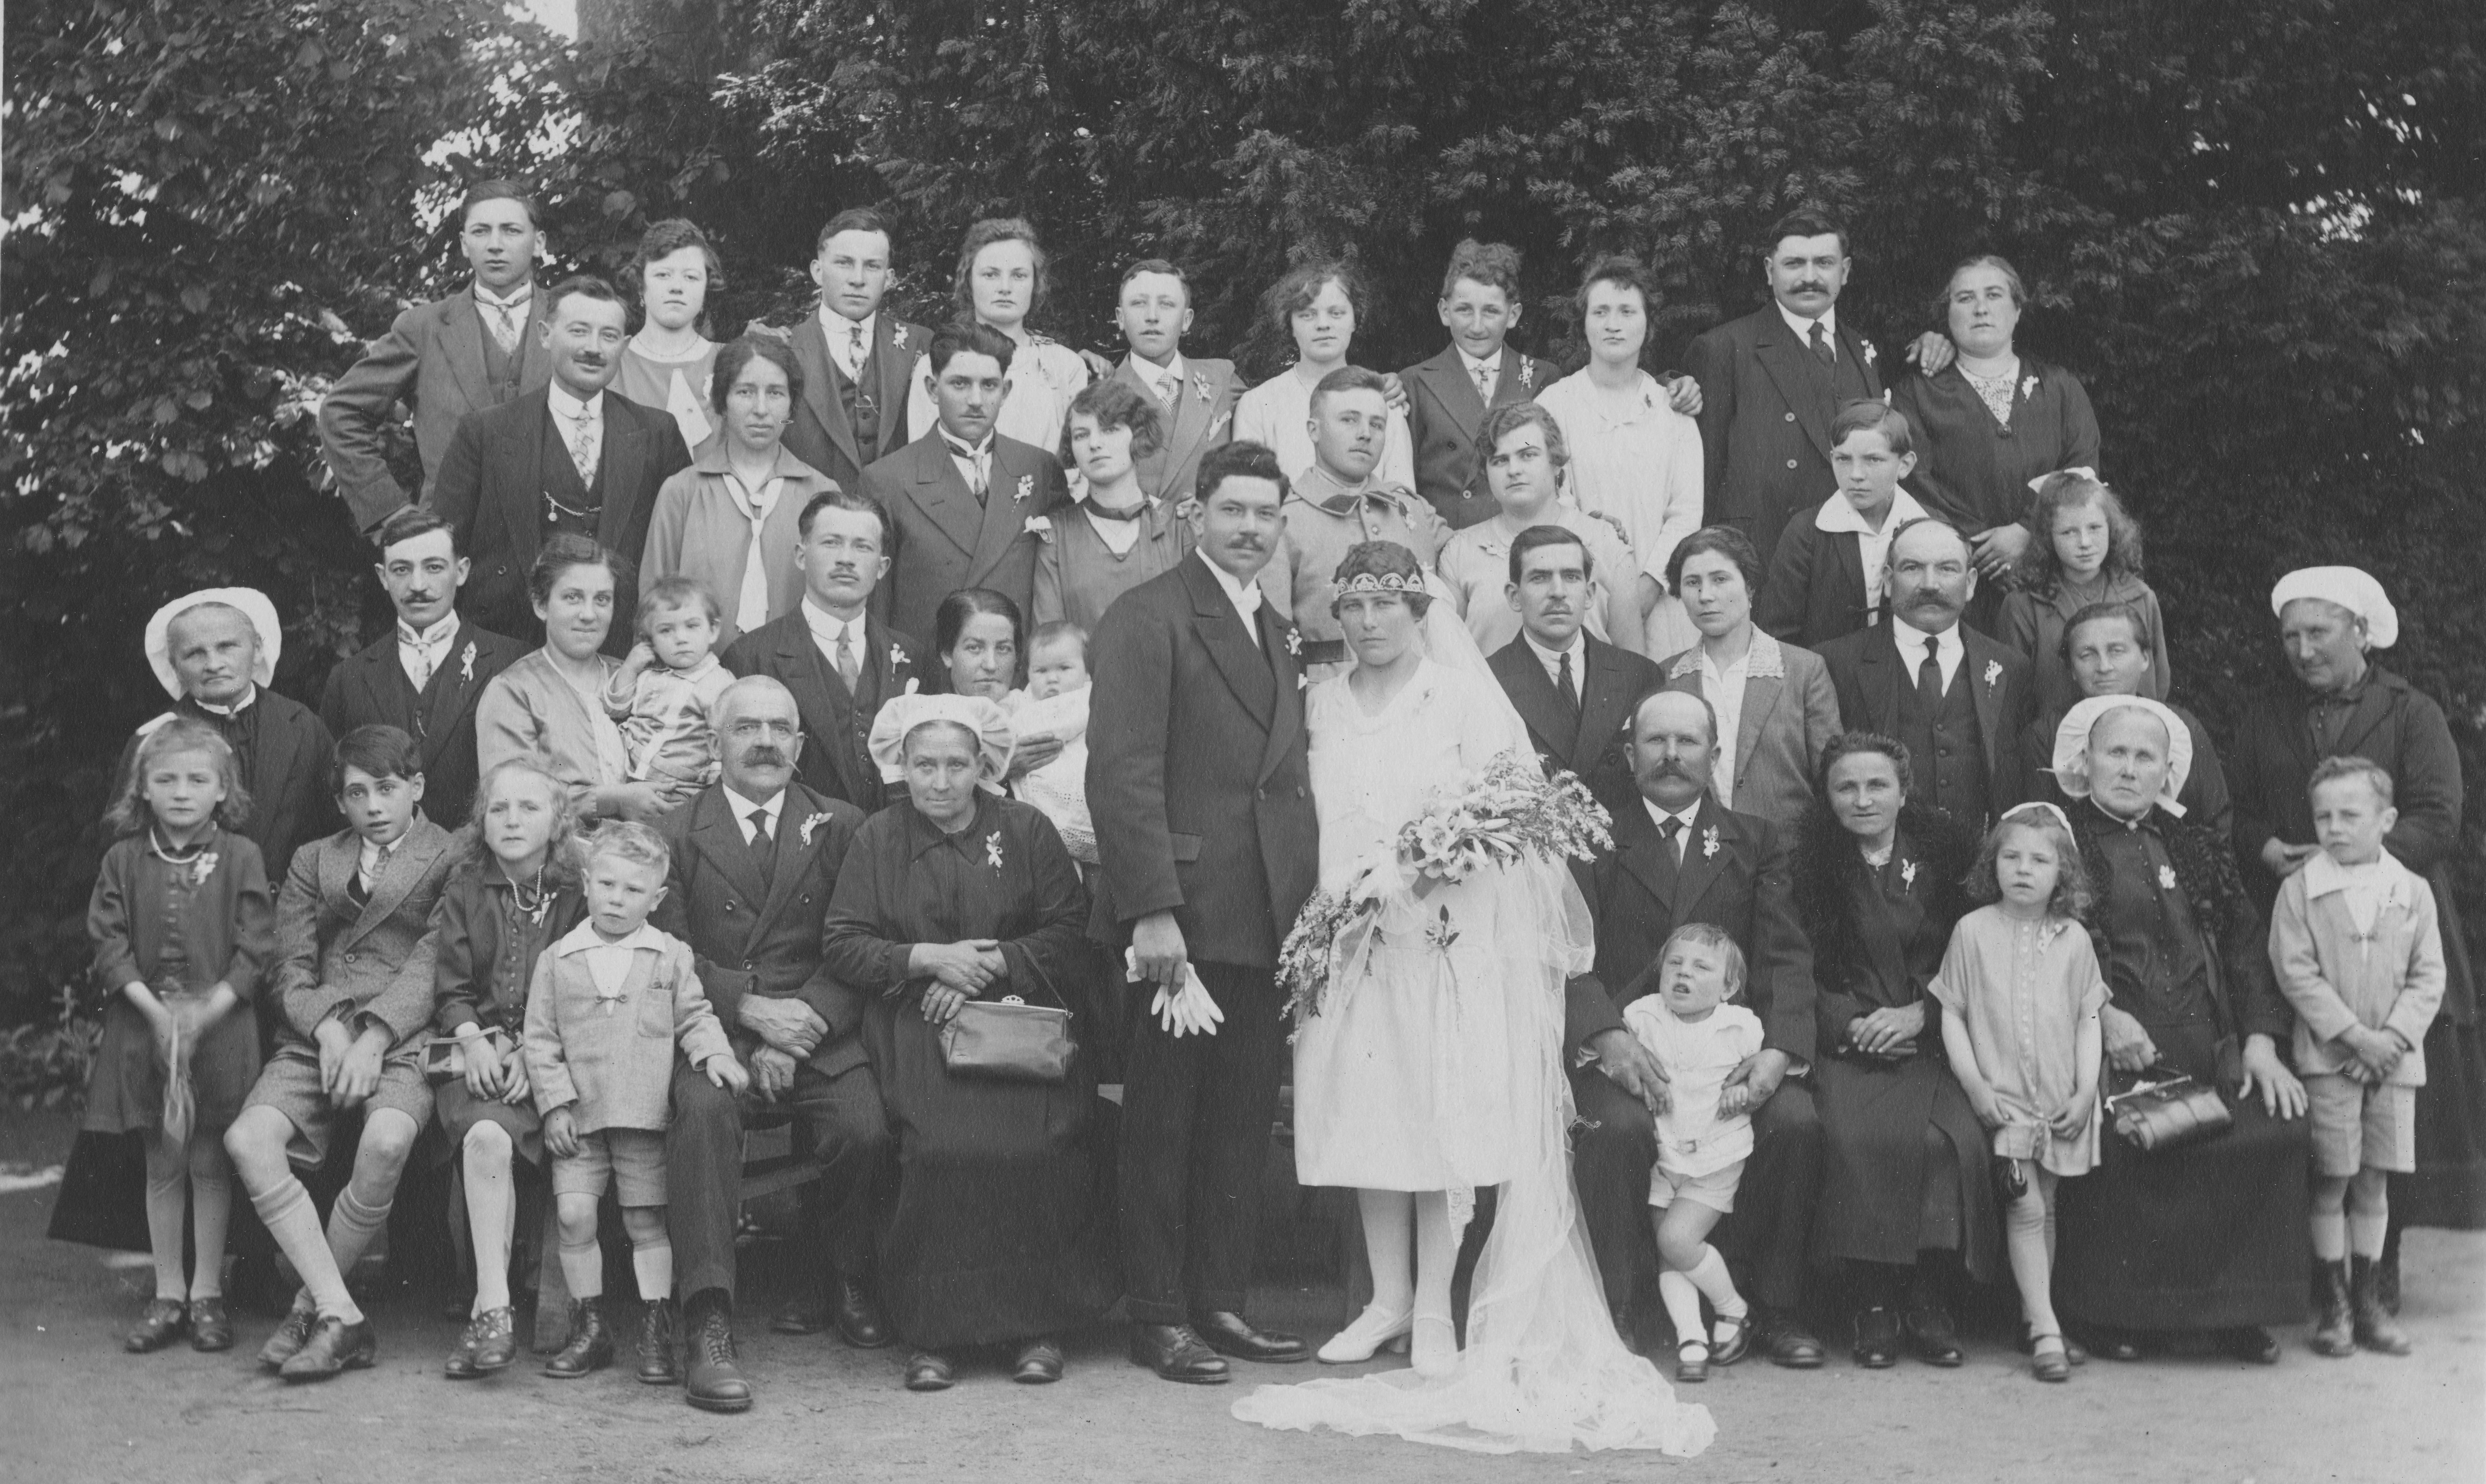 Ruillé en Champagne - JOLIVET Gaston et POIVET Noémie 9 Juillet 1929 Vue 01 Daniel Jolivet